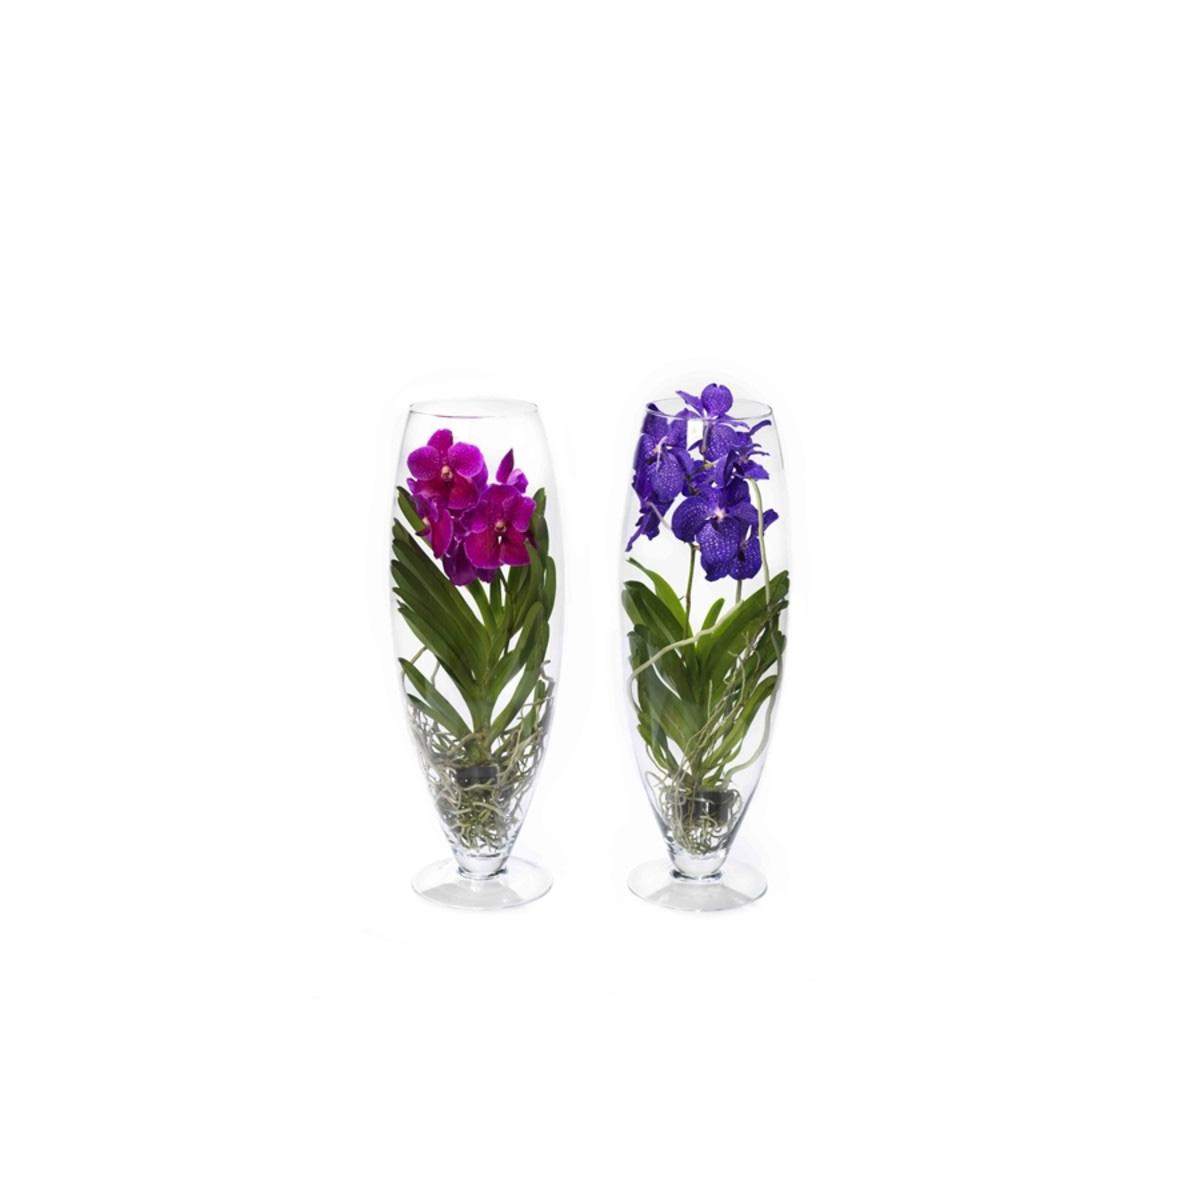 Orchidea Vanda Champagne in vaso di vetro